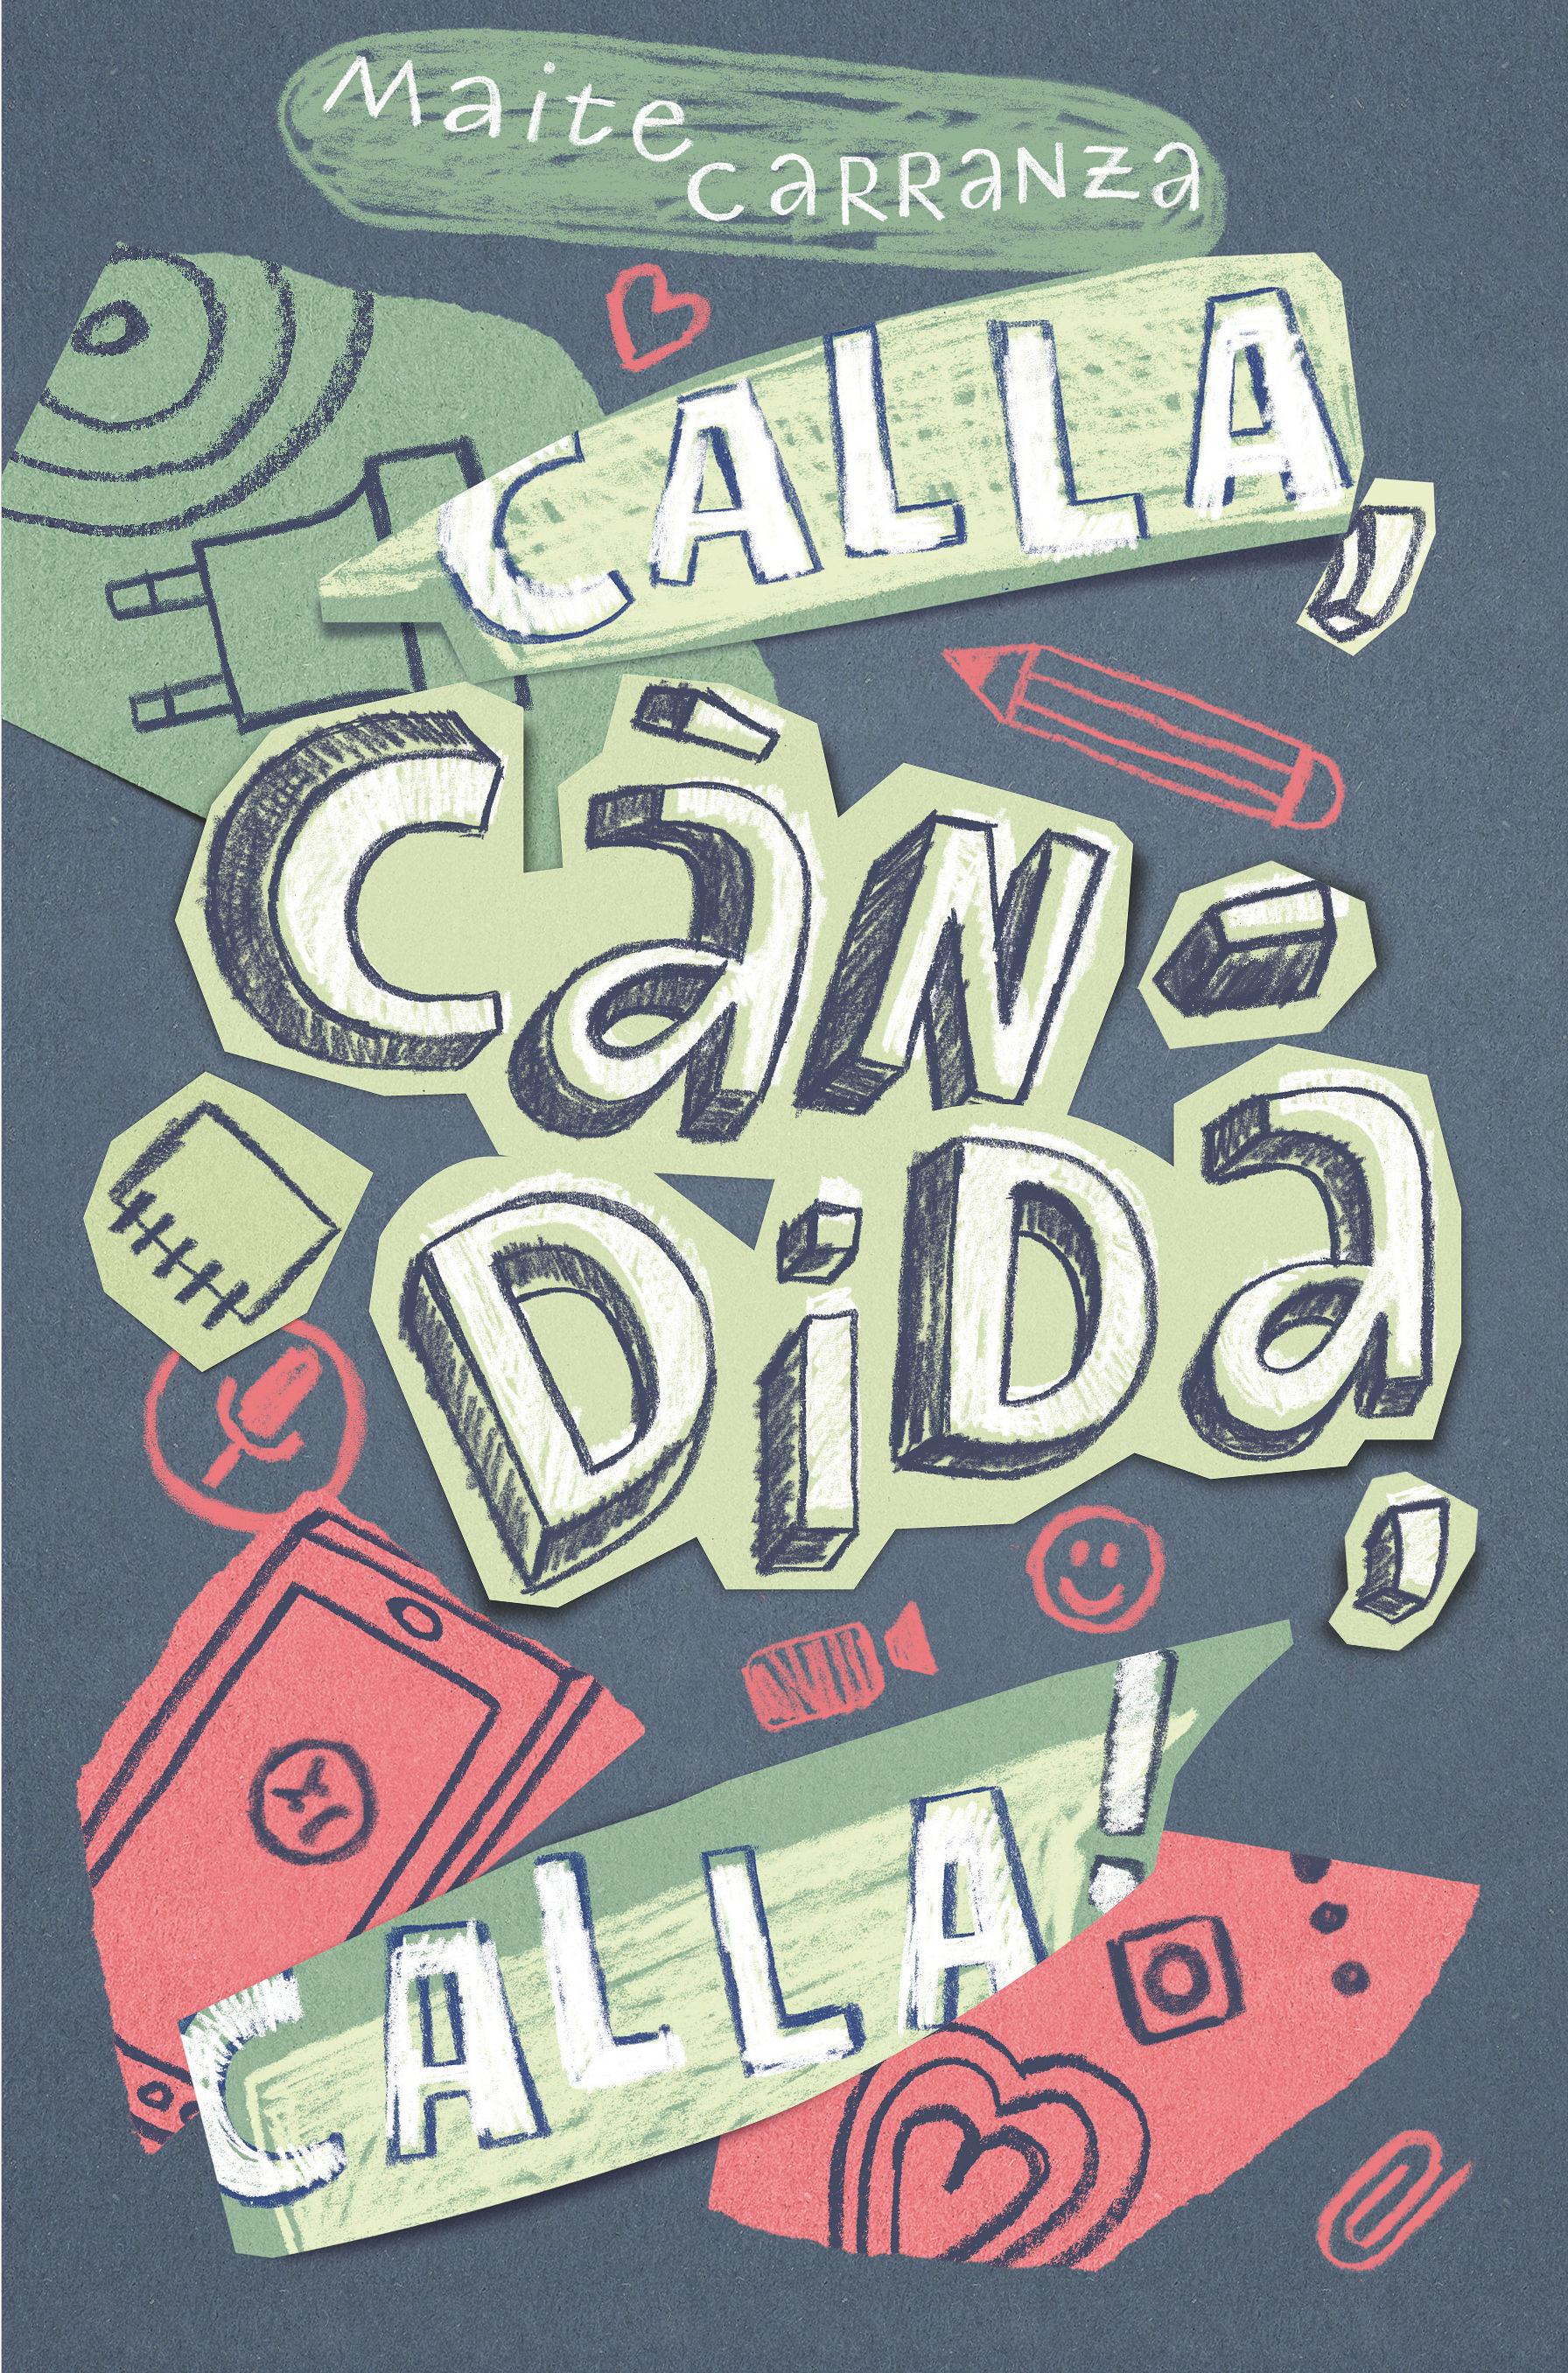 CALLA CANDIDA CALLA!